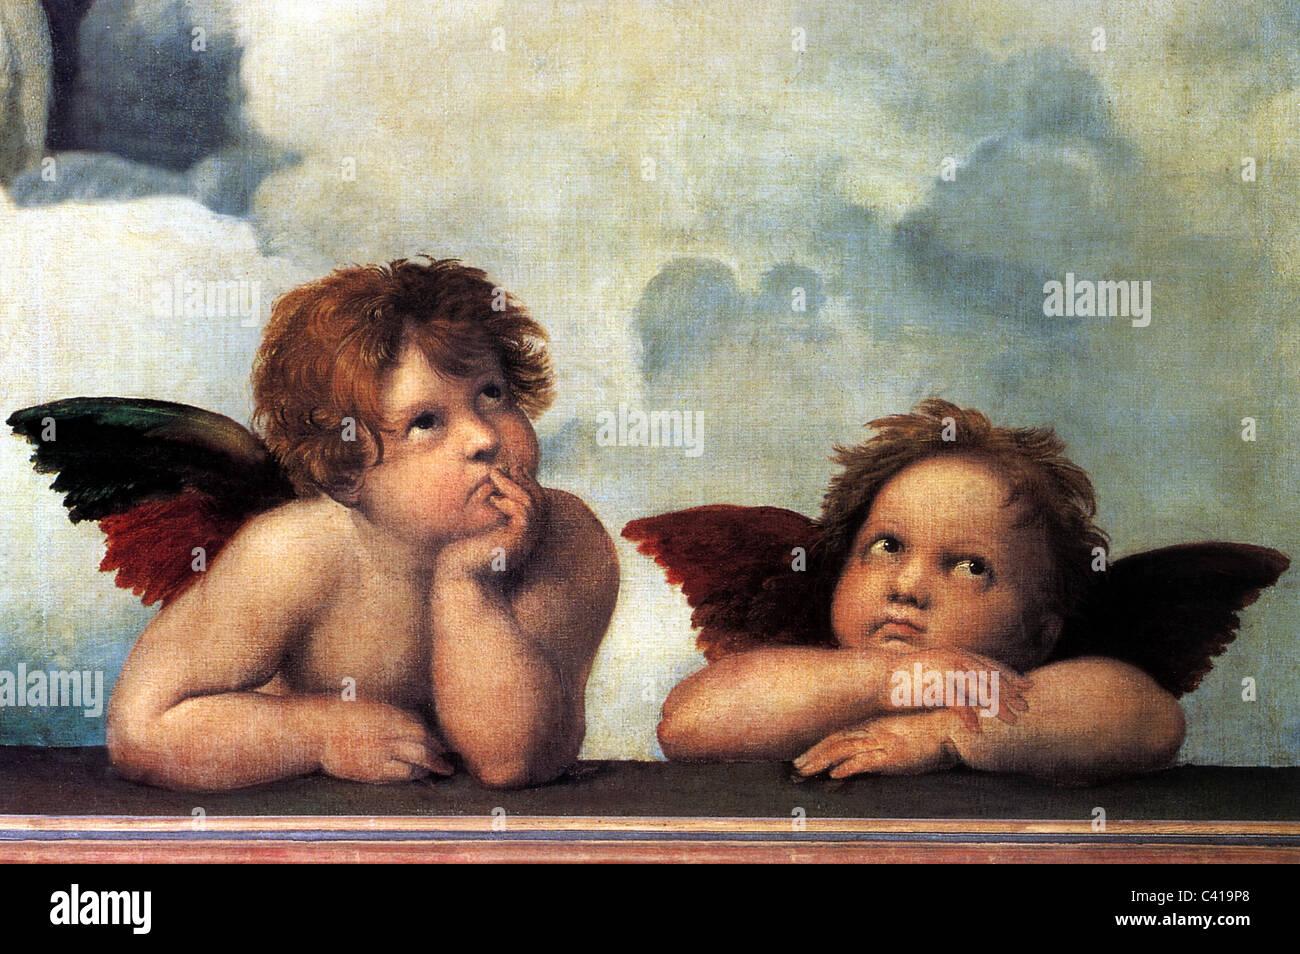 """Bildende Kunst, Raphael, Santi: """"Der Engel der die Sixtinische Madonna"""", detail aus dem Gemälde """"Sixtinische Madonna"""", Stockfoto"""